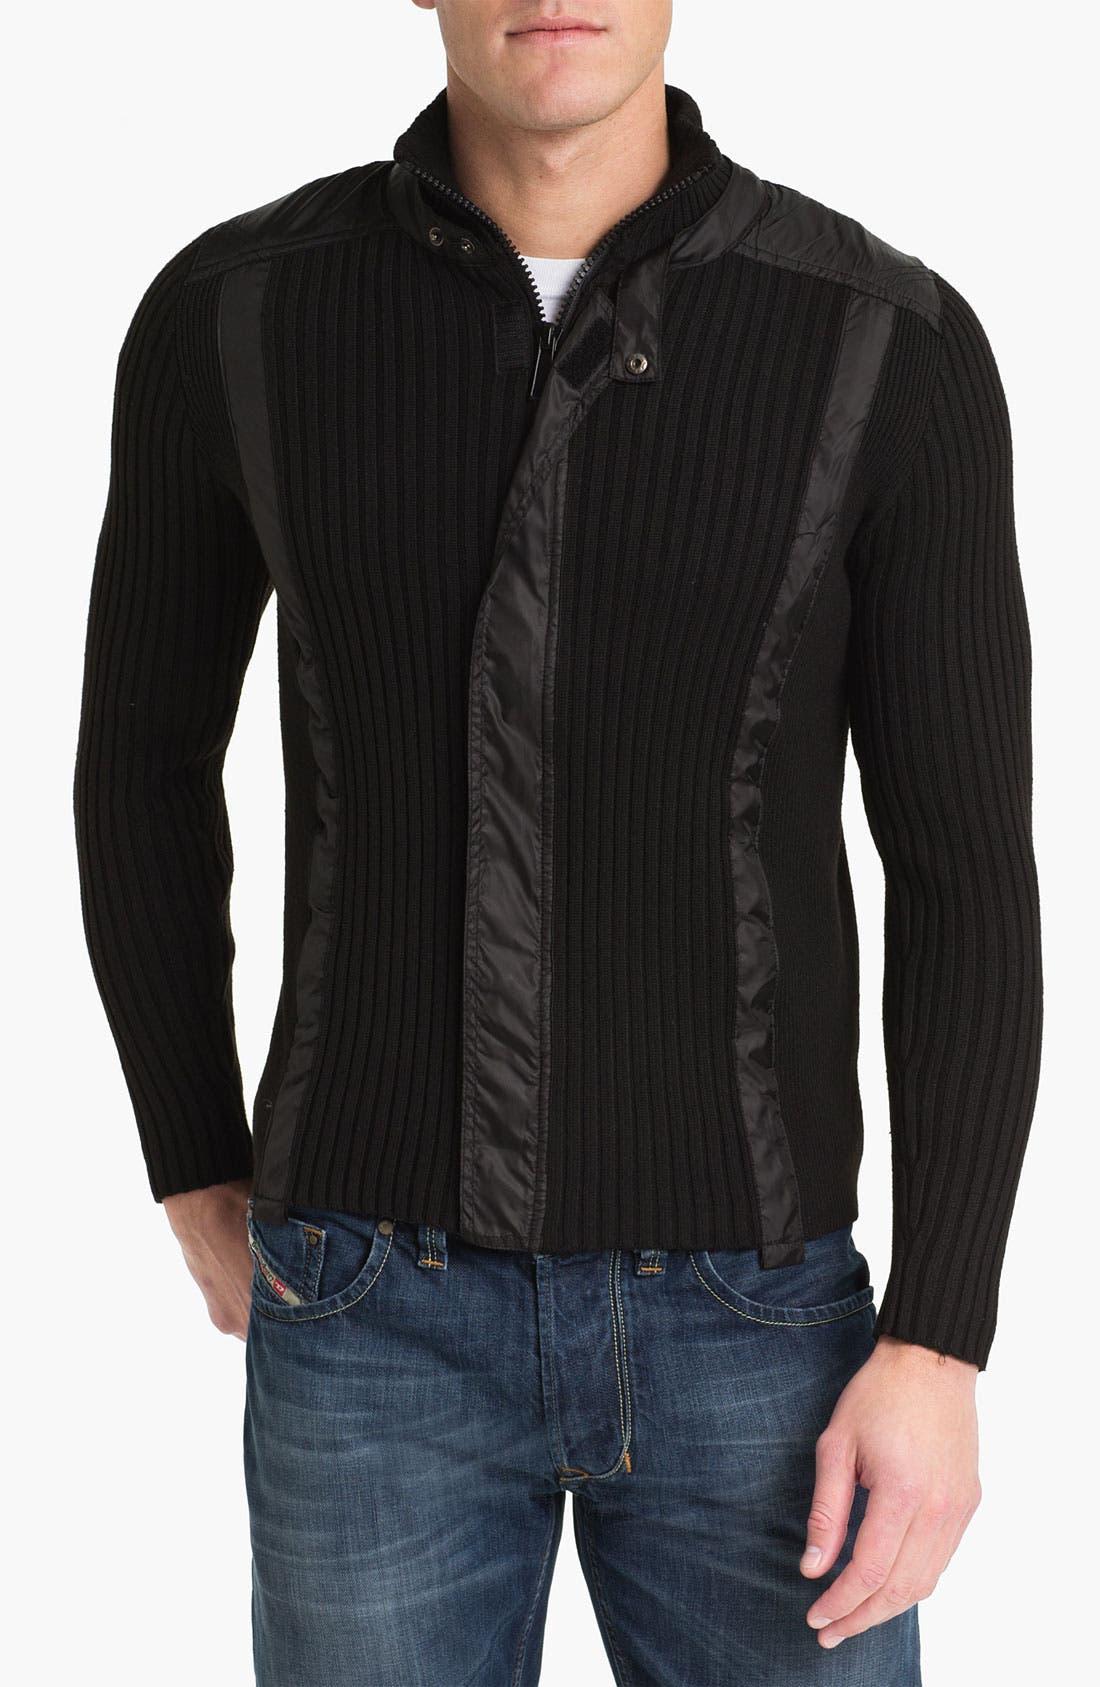 Alternate Image 1 Selected - Paul Black Zip Sweater